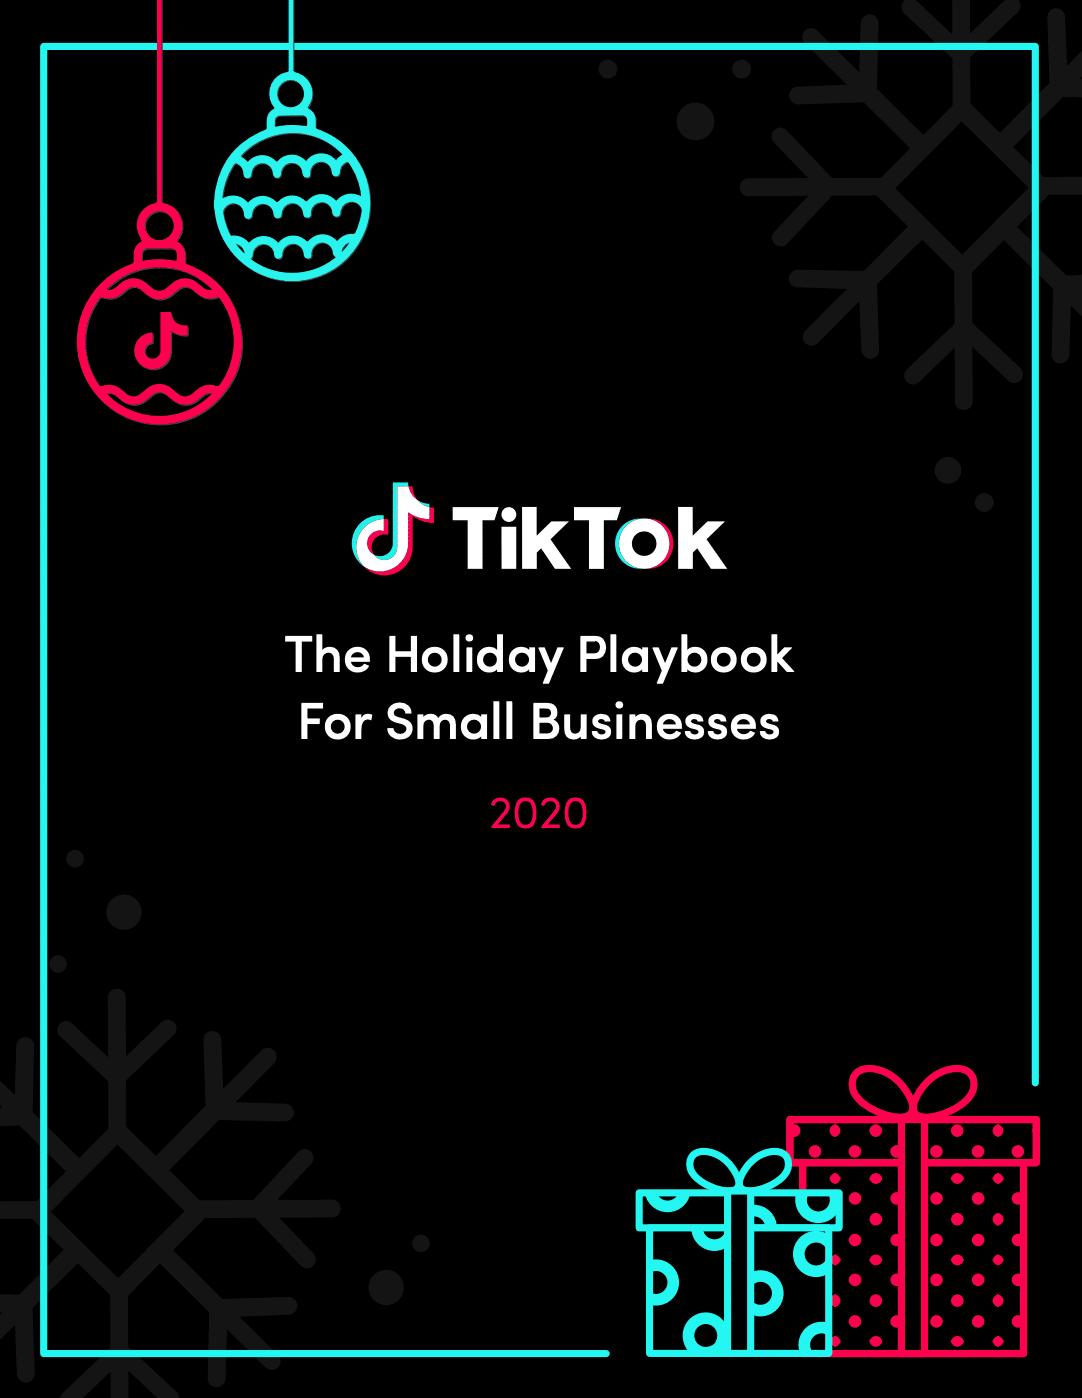 Das TikTok Holiday Playbook